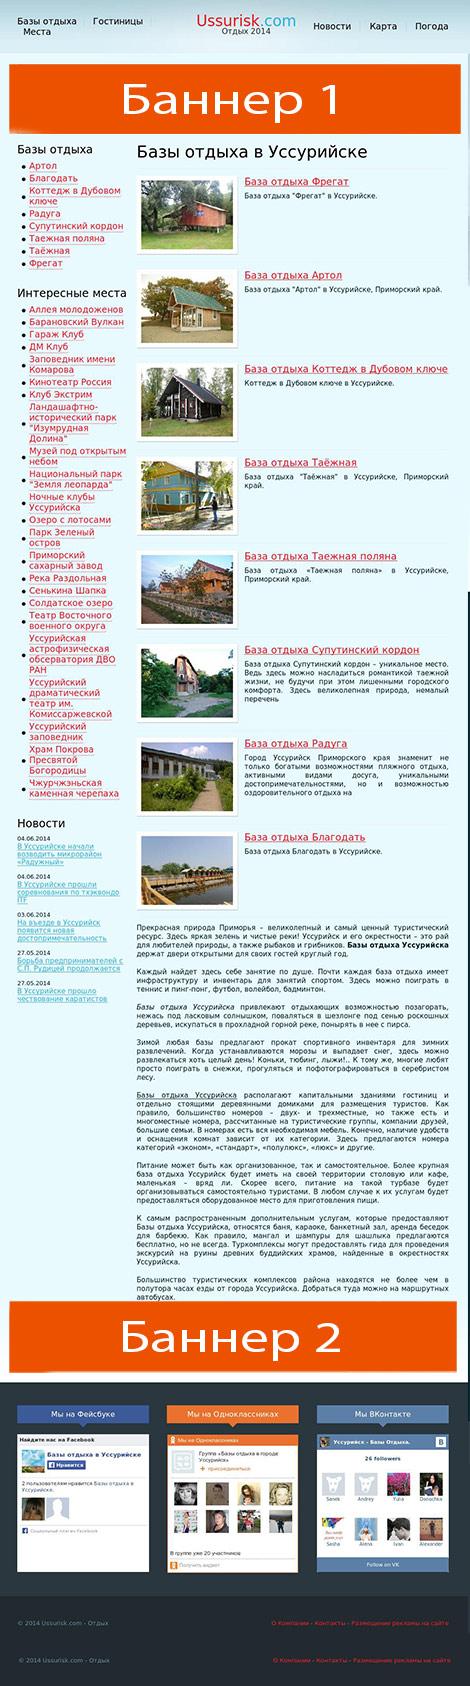 схема размещения рекламы на сайте ussurisk.com  height=